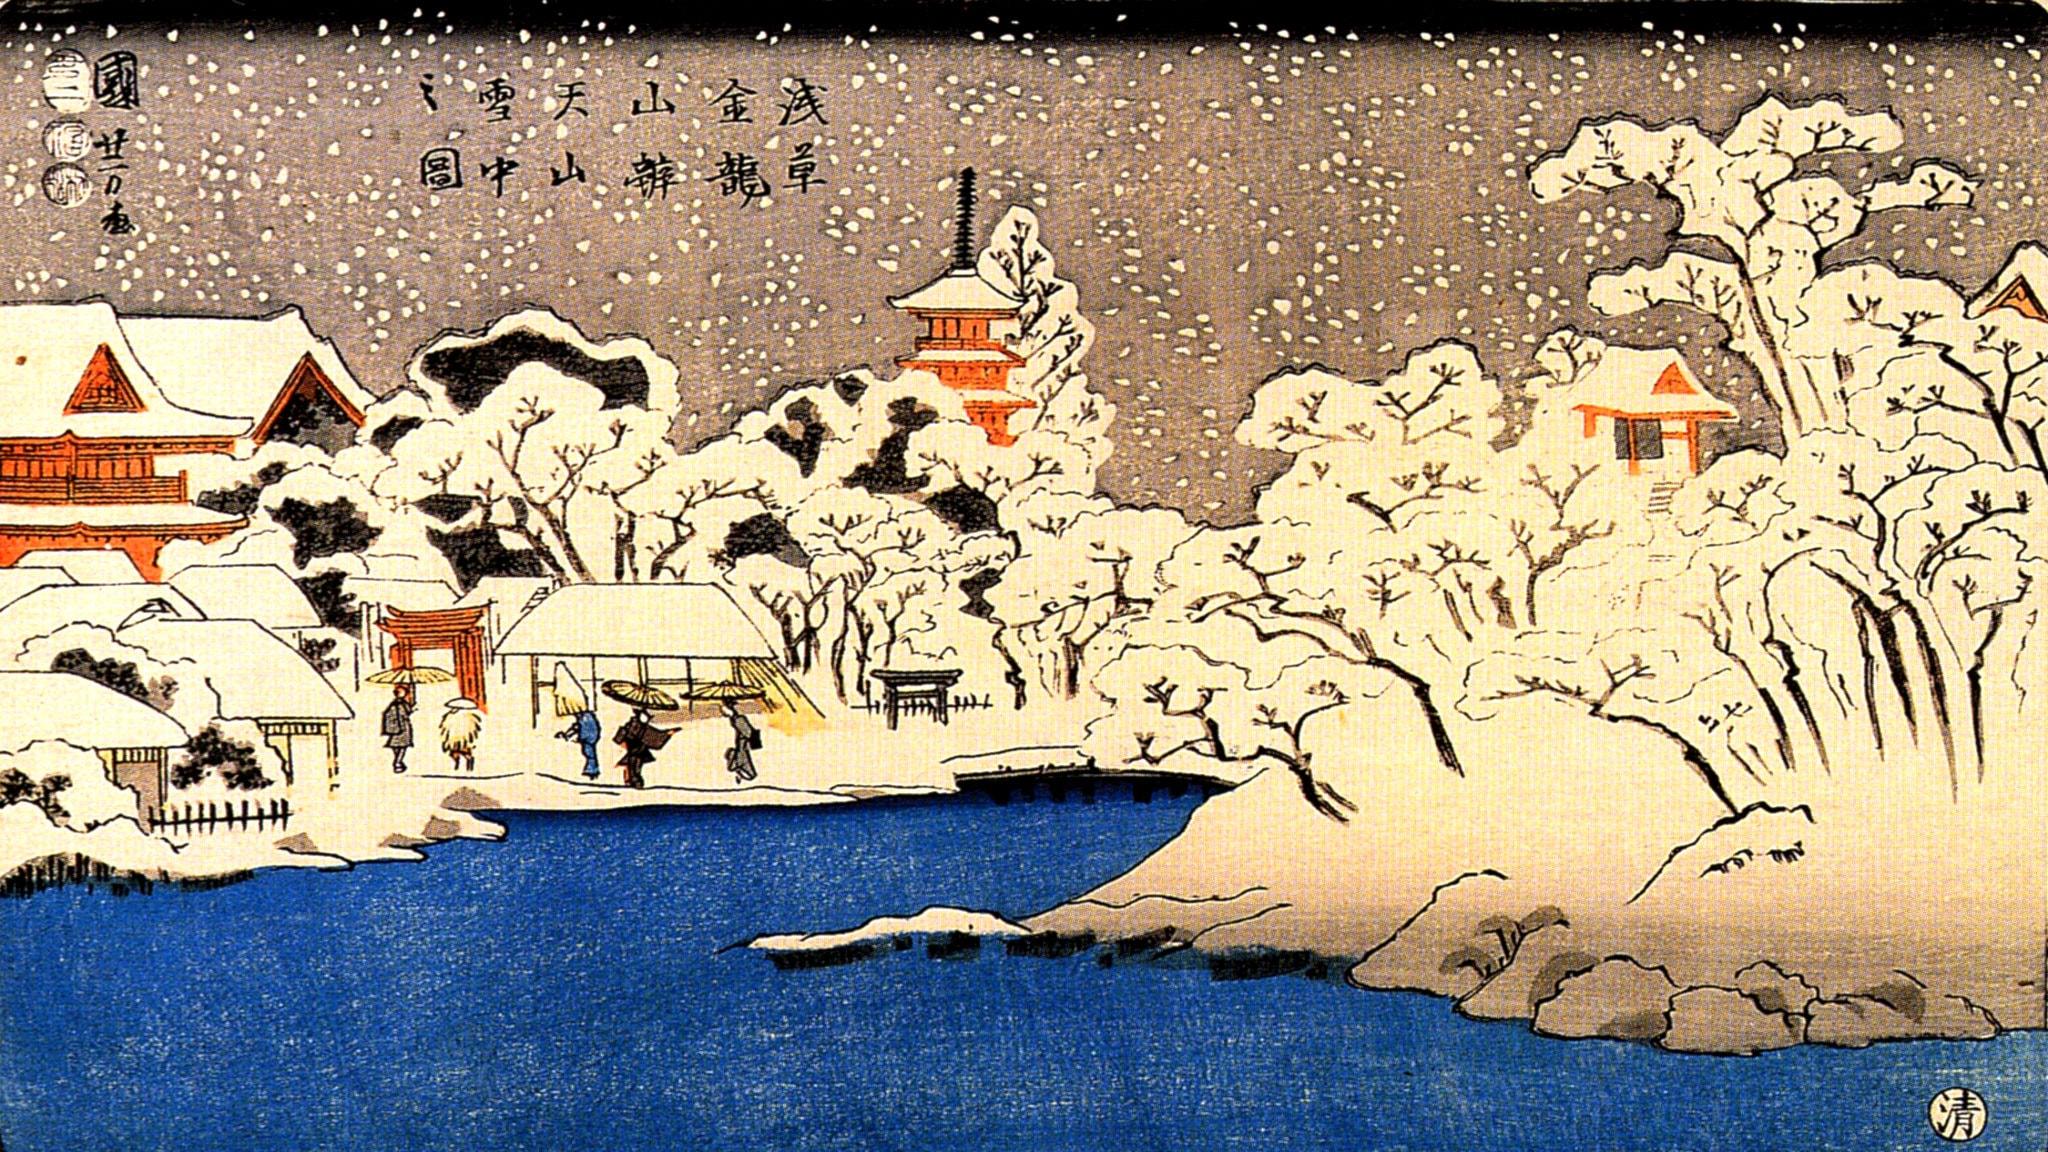 'Snöstorm'. Utagawa Kuniyoshi (1797-1861)